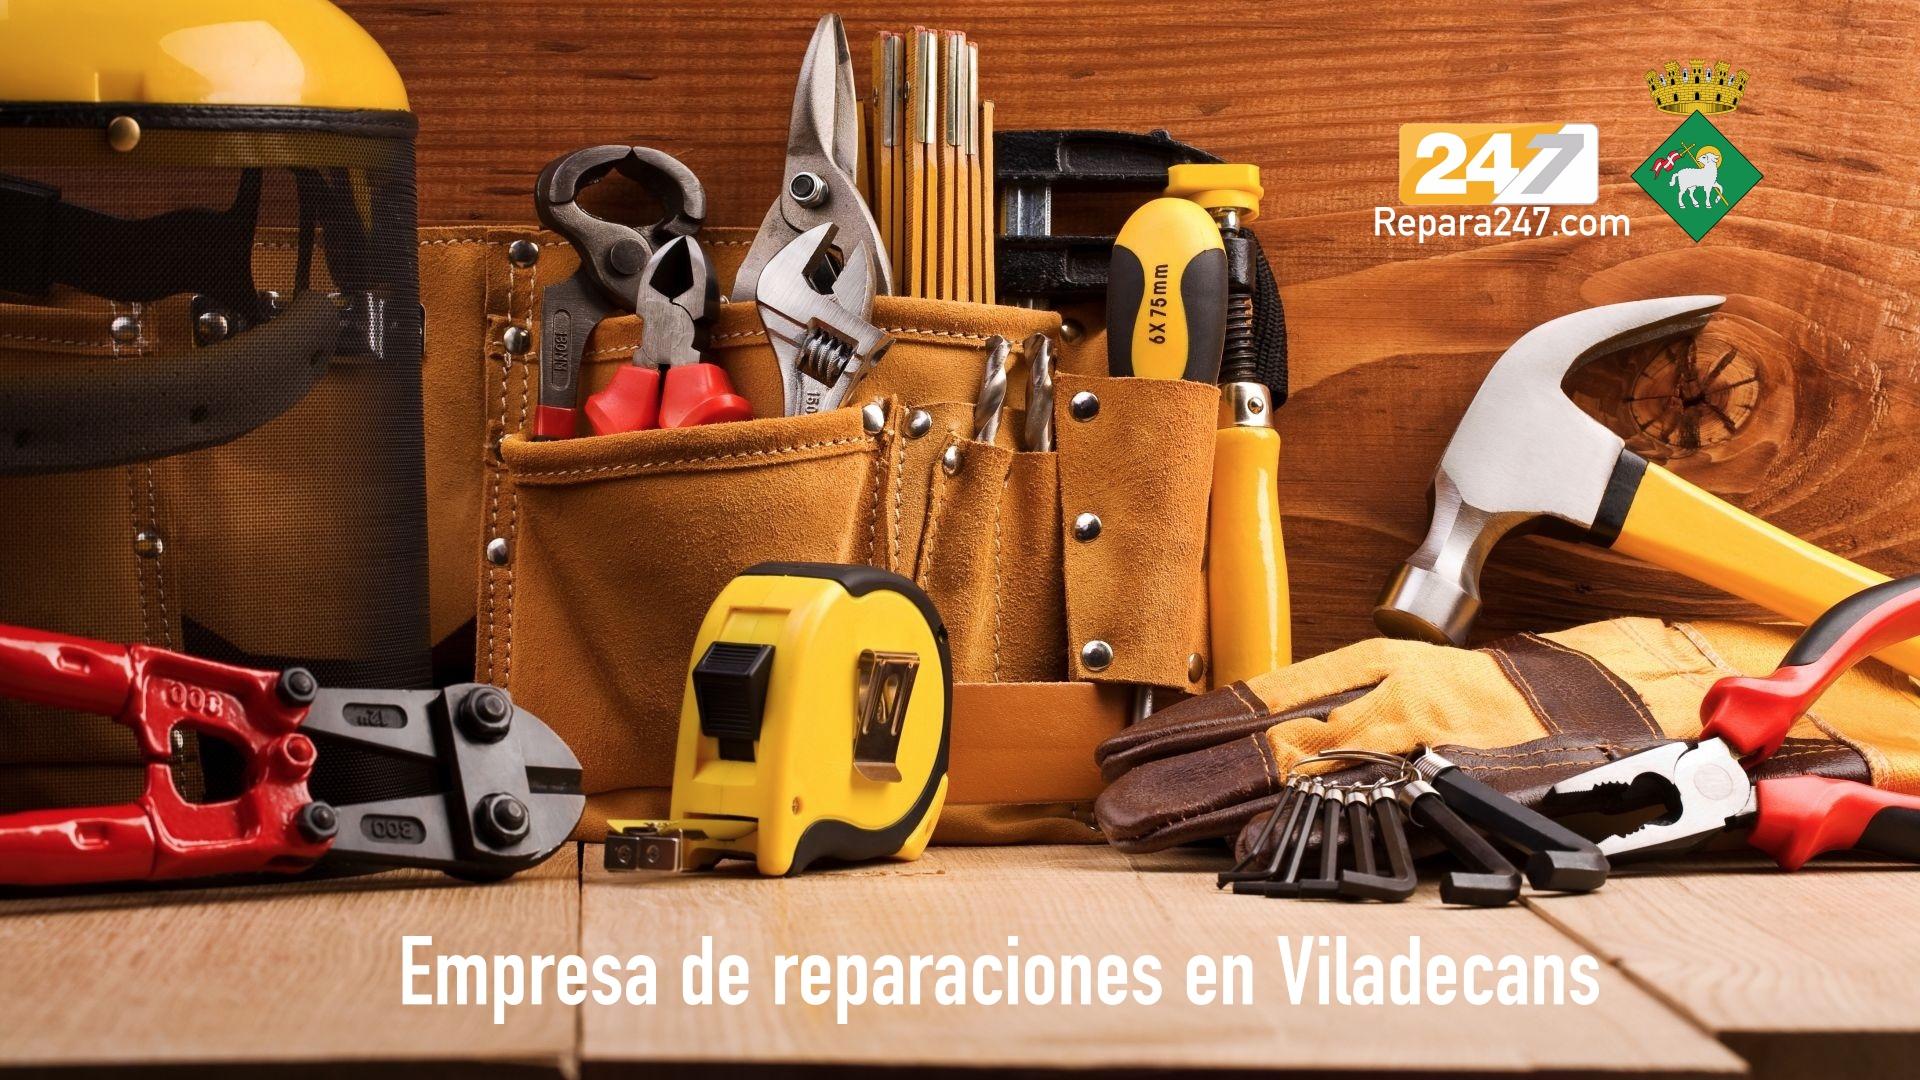 Empresa de reparaciones en Viladecans